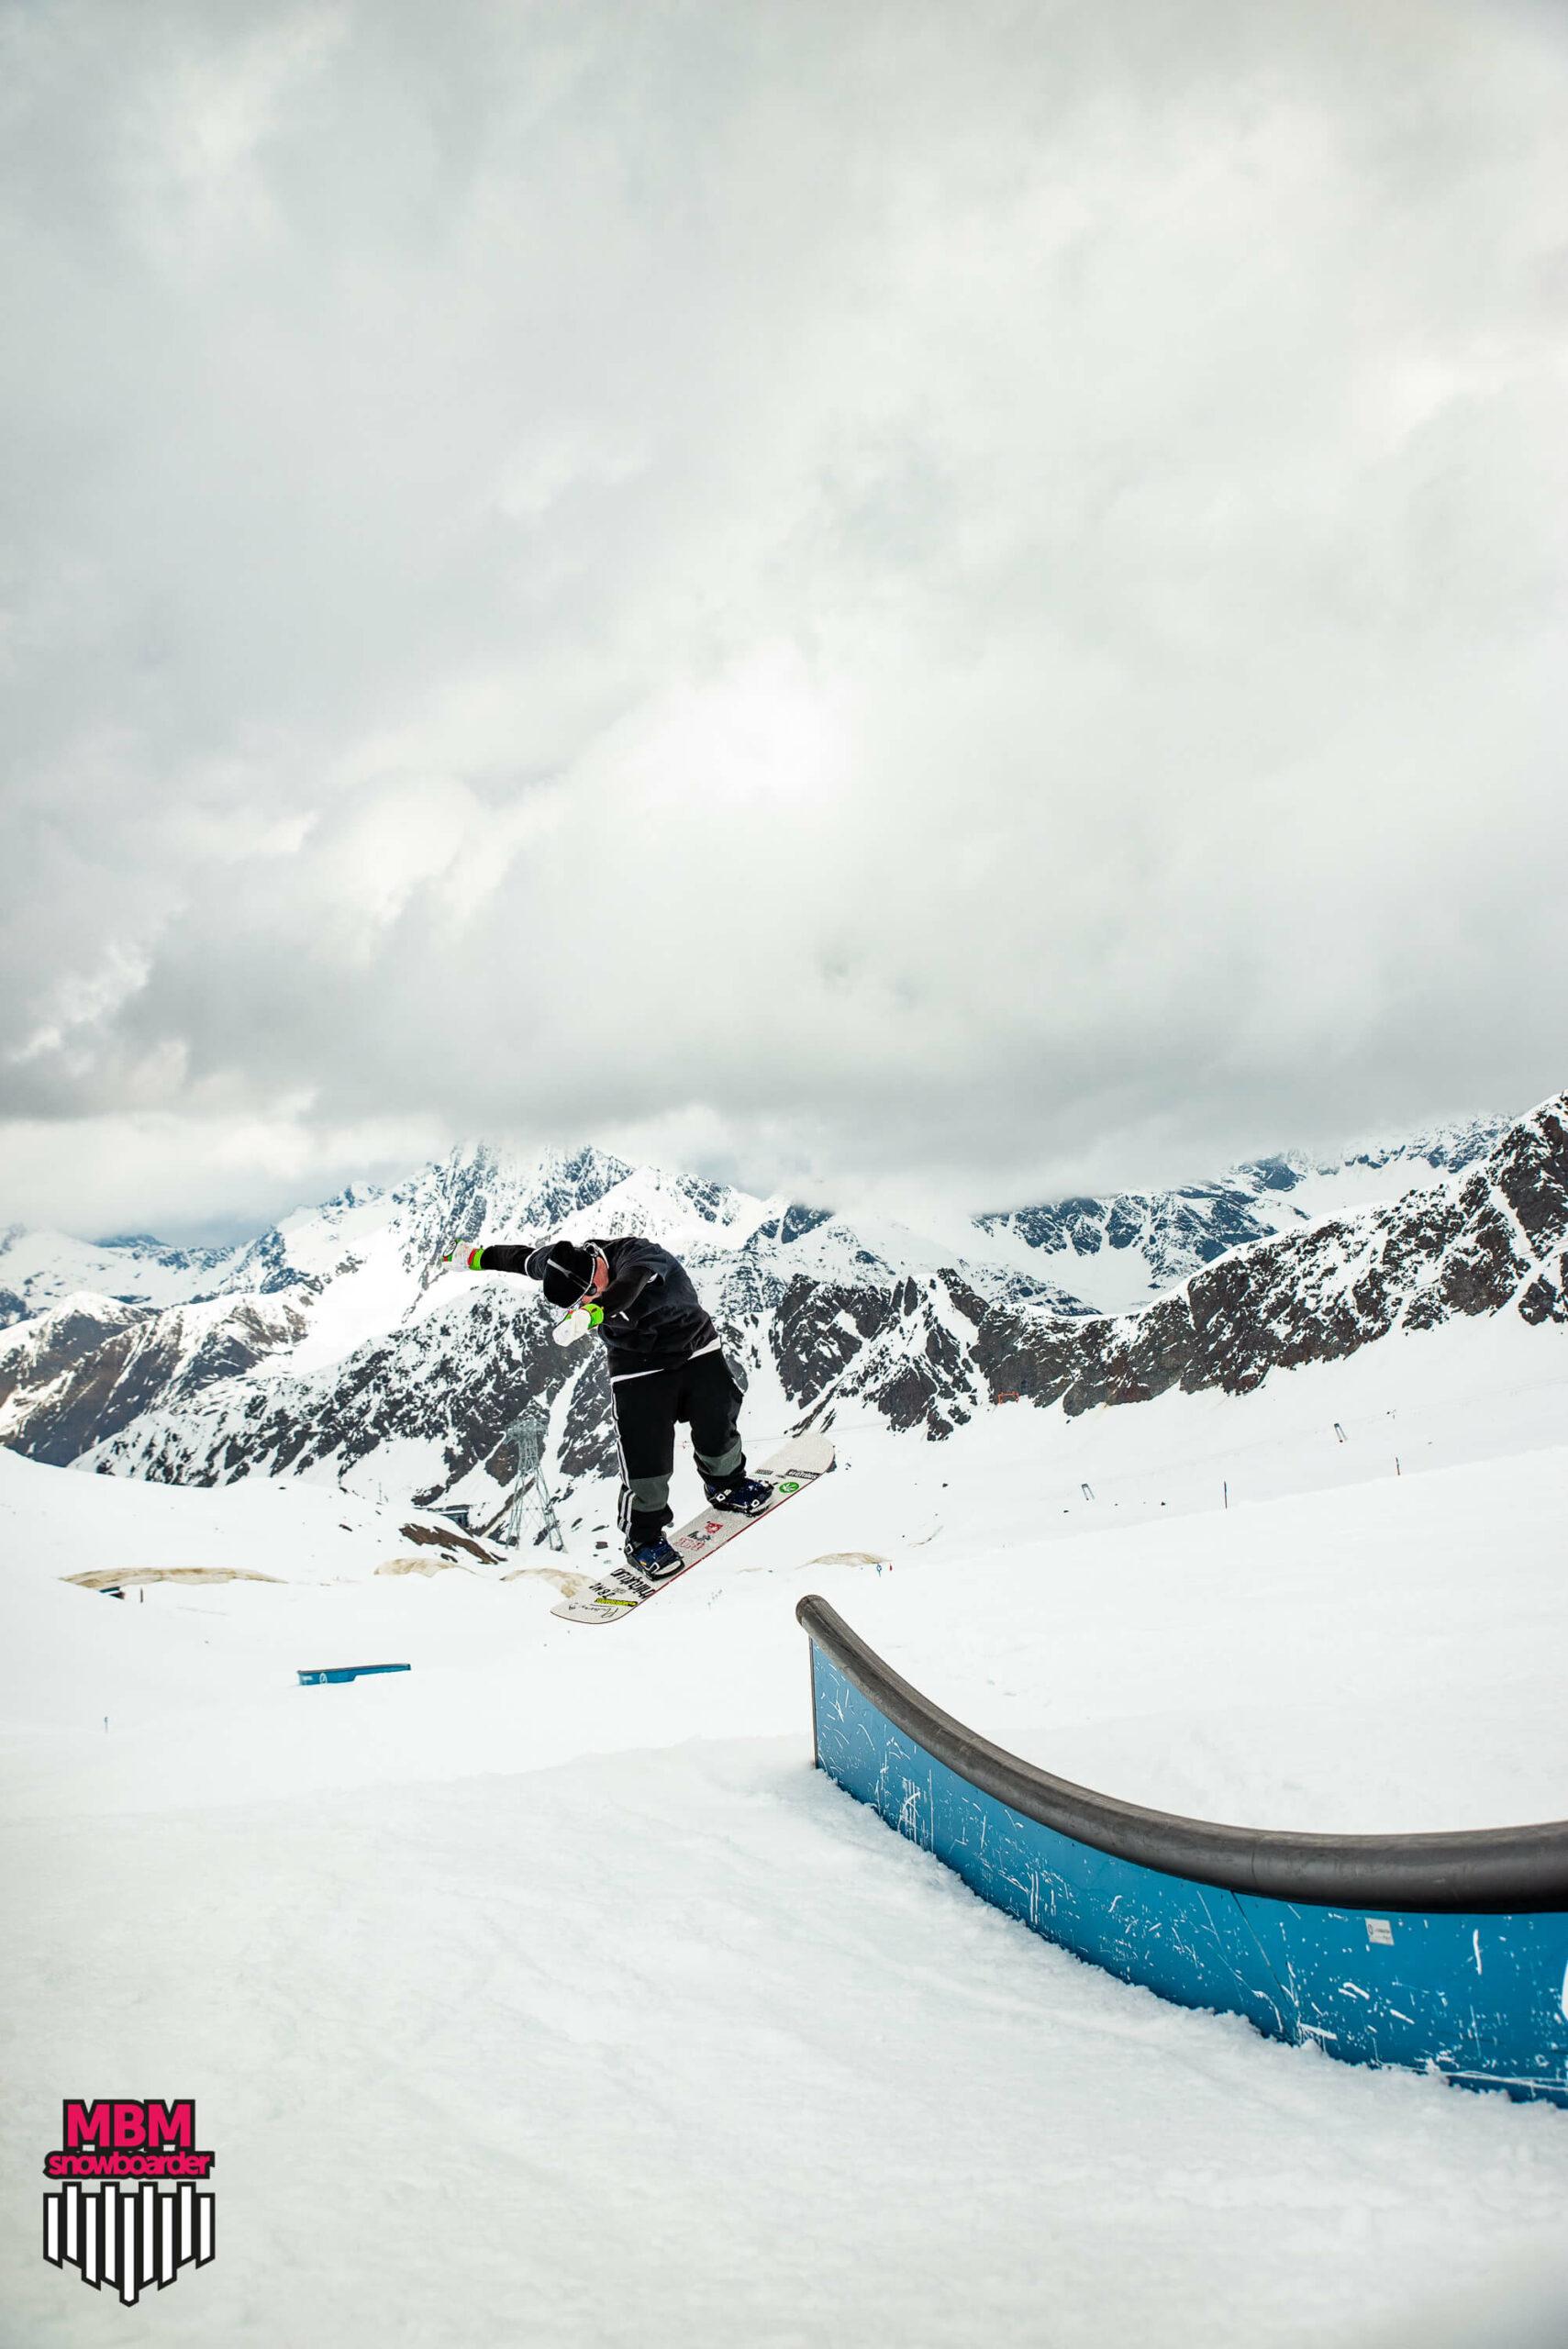 snowboarderMBM_sd_kaunertal_131